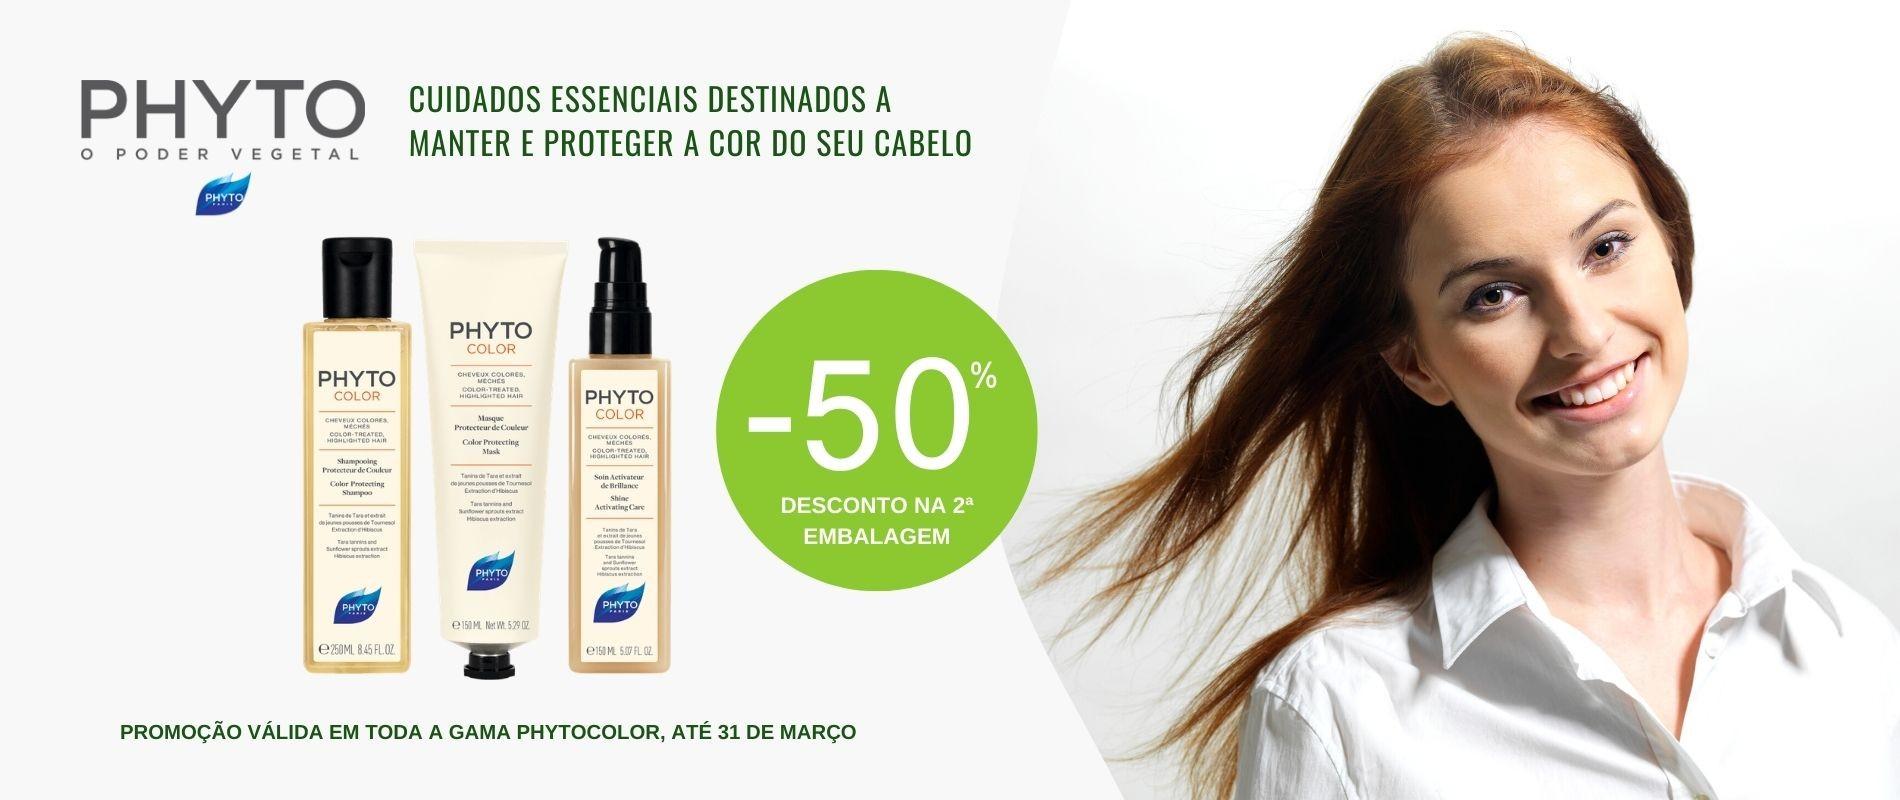 DESCONTO -4€